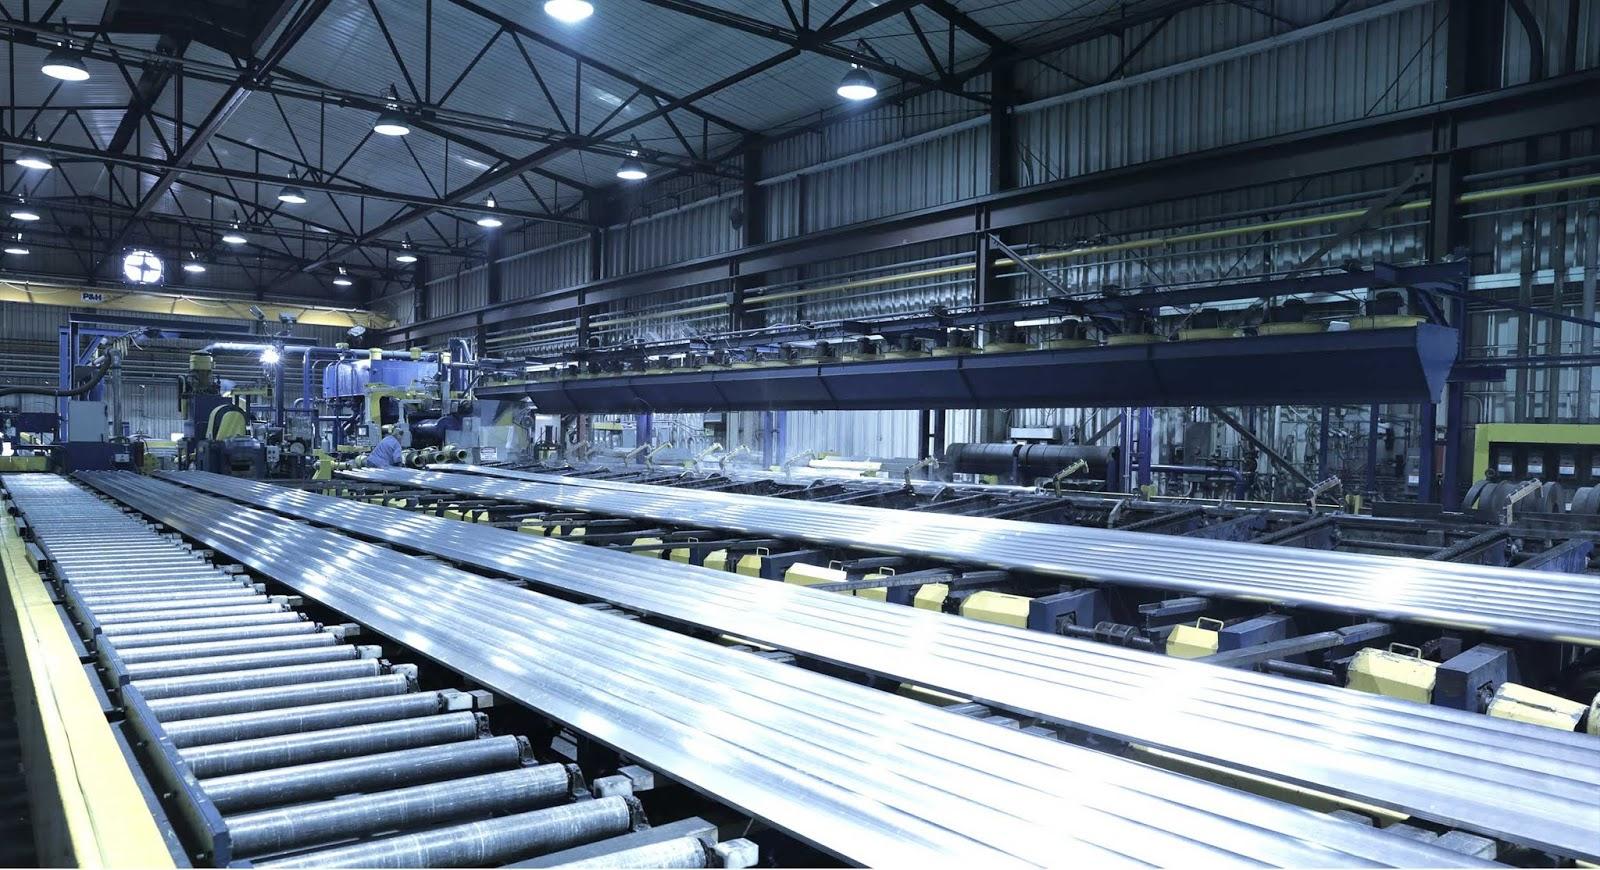 Proses extrusi merupakan tindakan lanjutan dari aluminium paduan